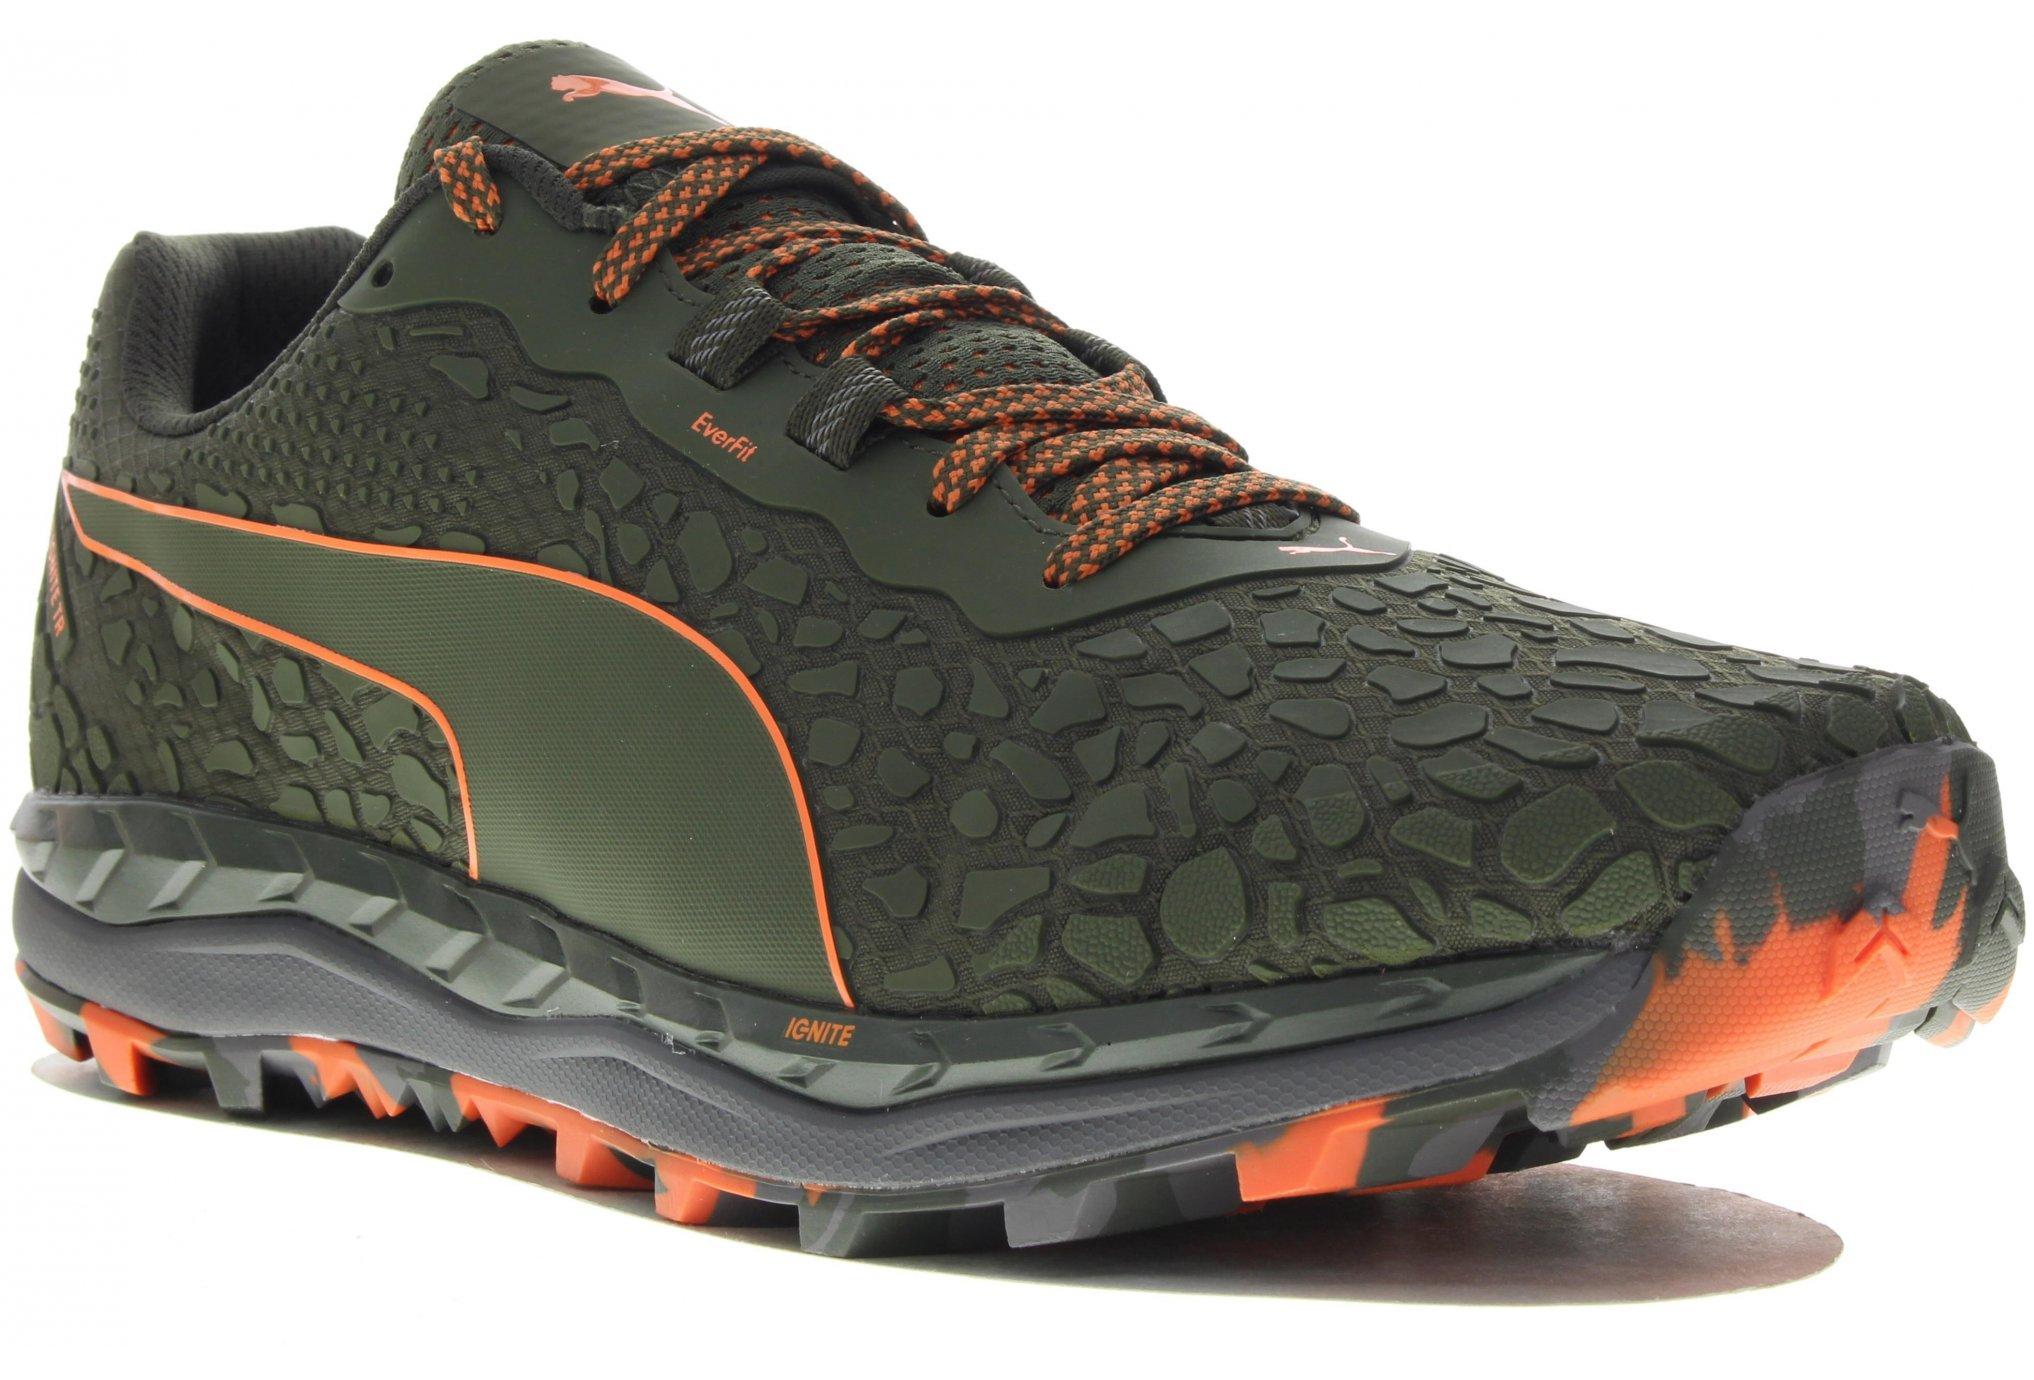 Puma Speed Ignite Trail 2 M Diététique Chaussures homme